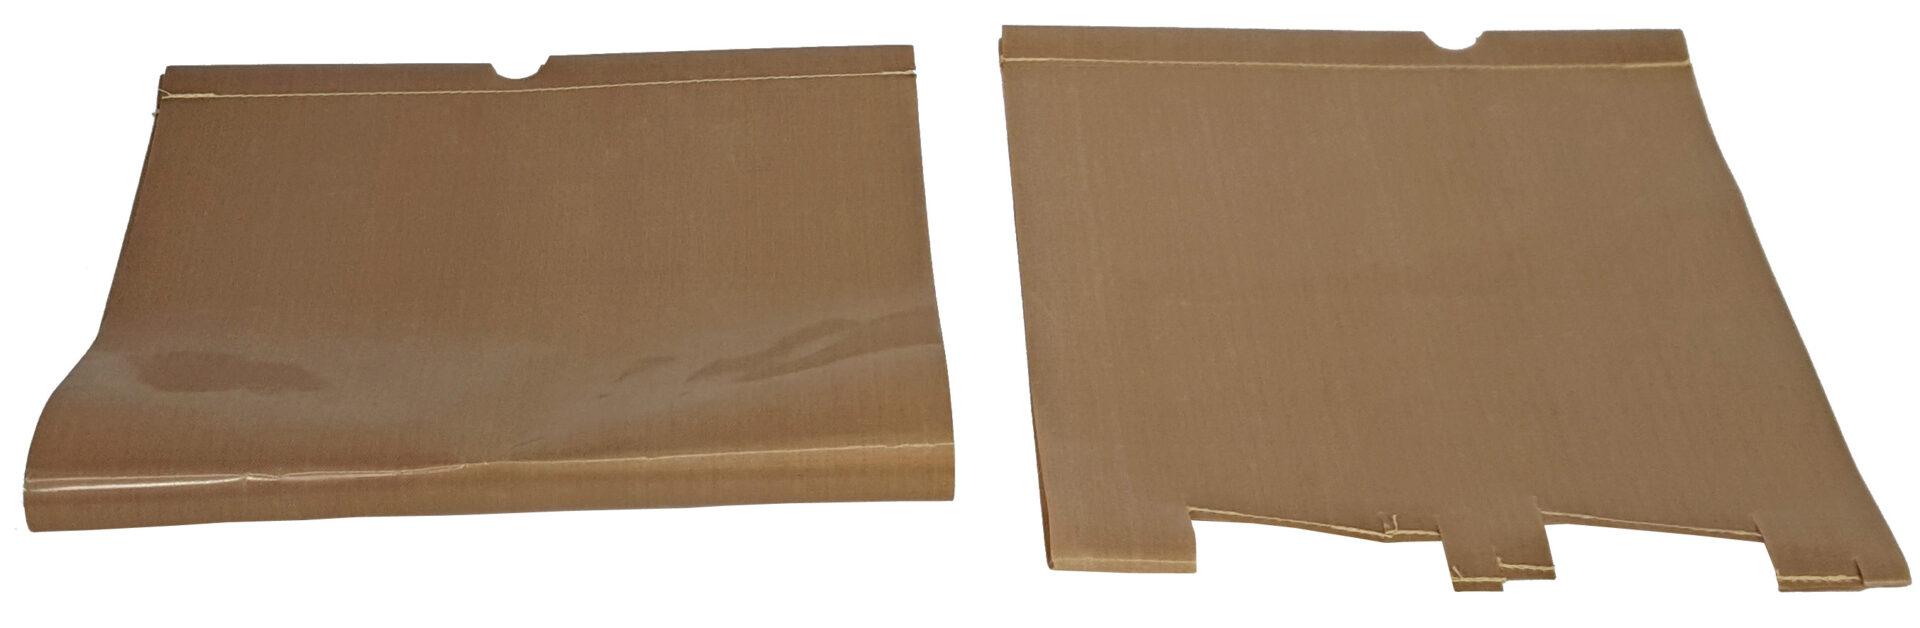 2 Pieces teflon pads